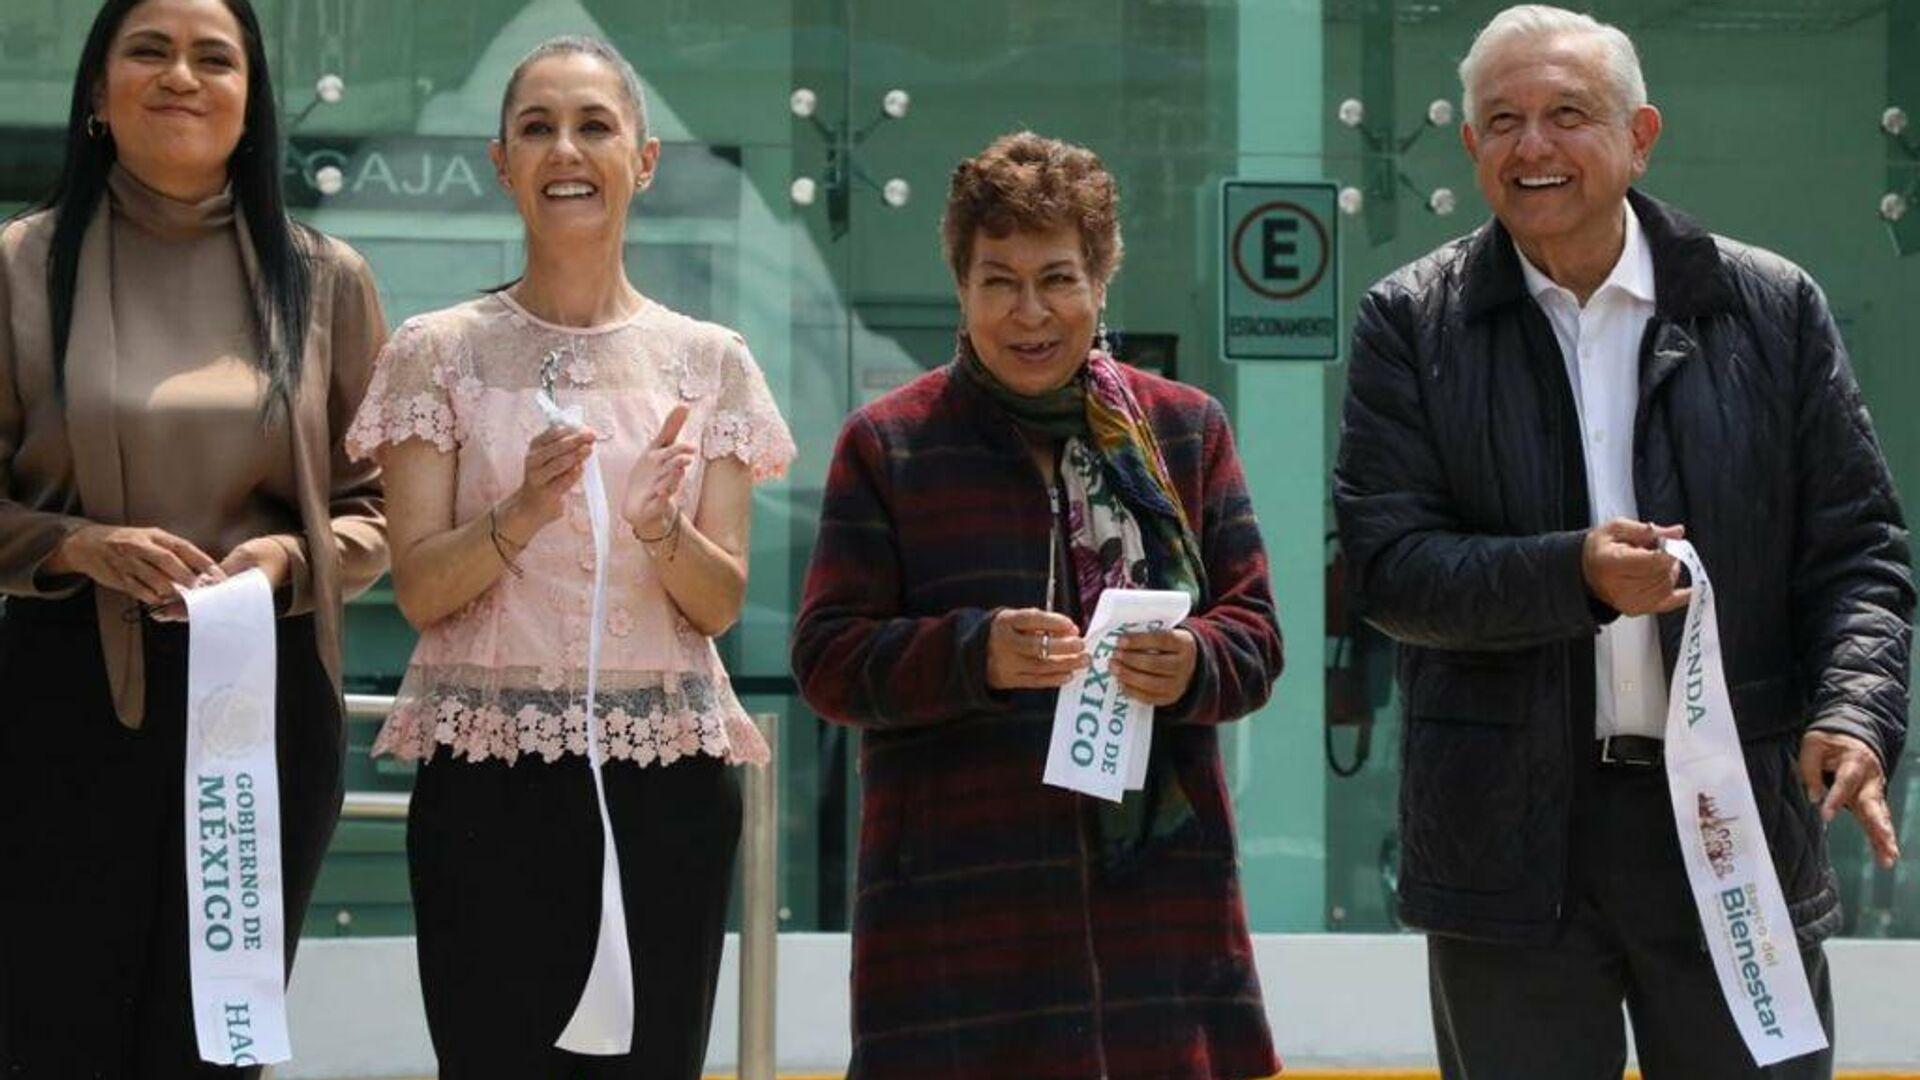 El presidente de México, Andrés Manuel López Obrador, inauguró sucursal del Banco de Bienestar, acompañado de la jefa de gobierno de la Ciudad de México, Claudia Sheinbaum - Sputnik Mundo, 1920, 29.09.2021